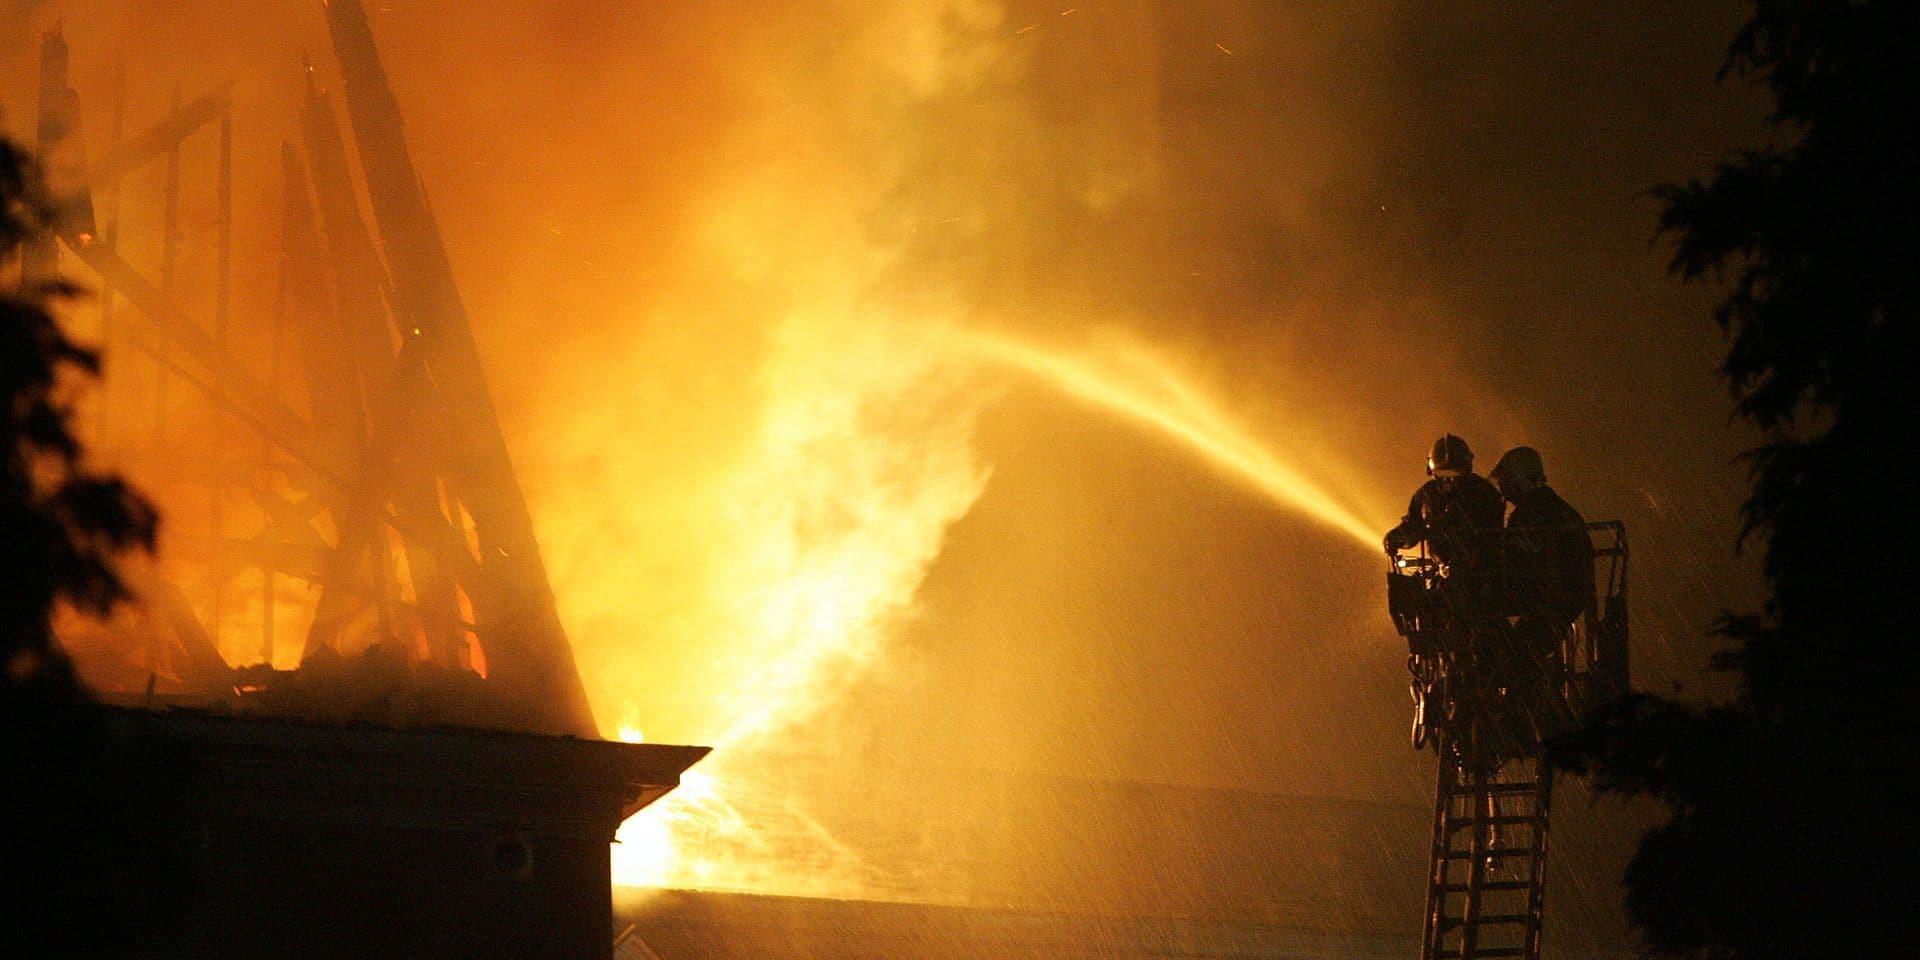 Incendie suspect dans un ancien bâtiment industriel à Lessines